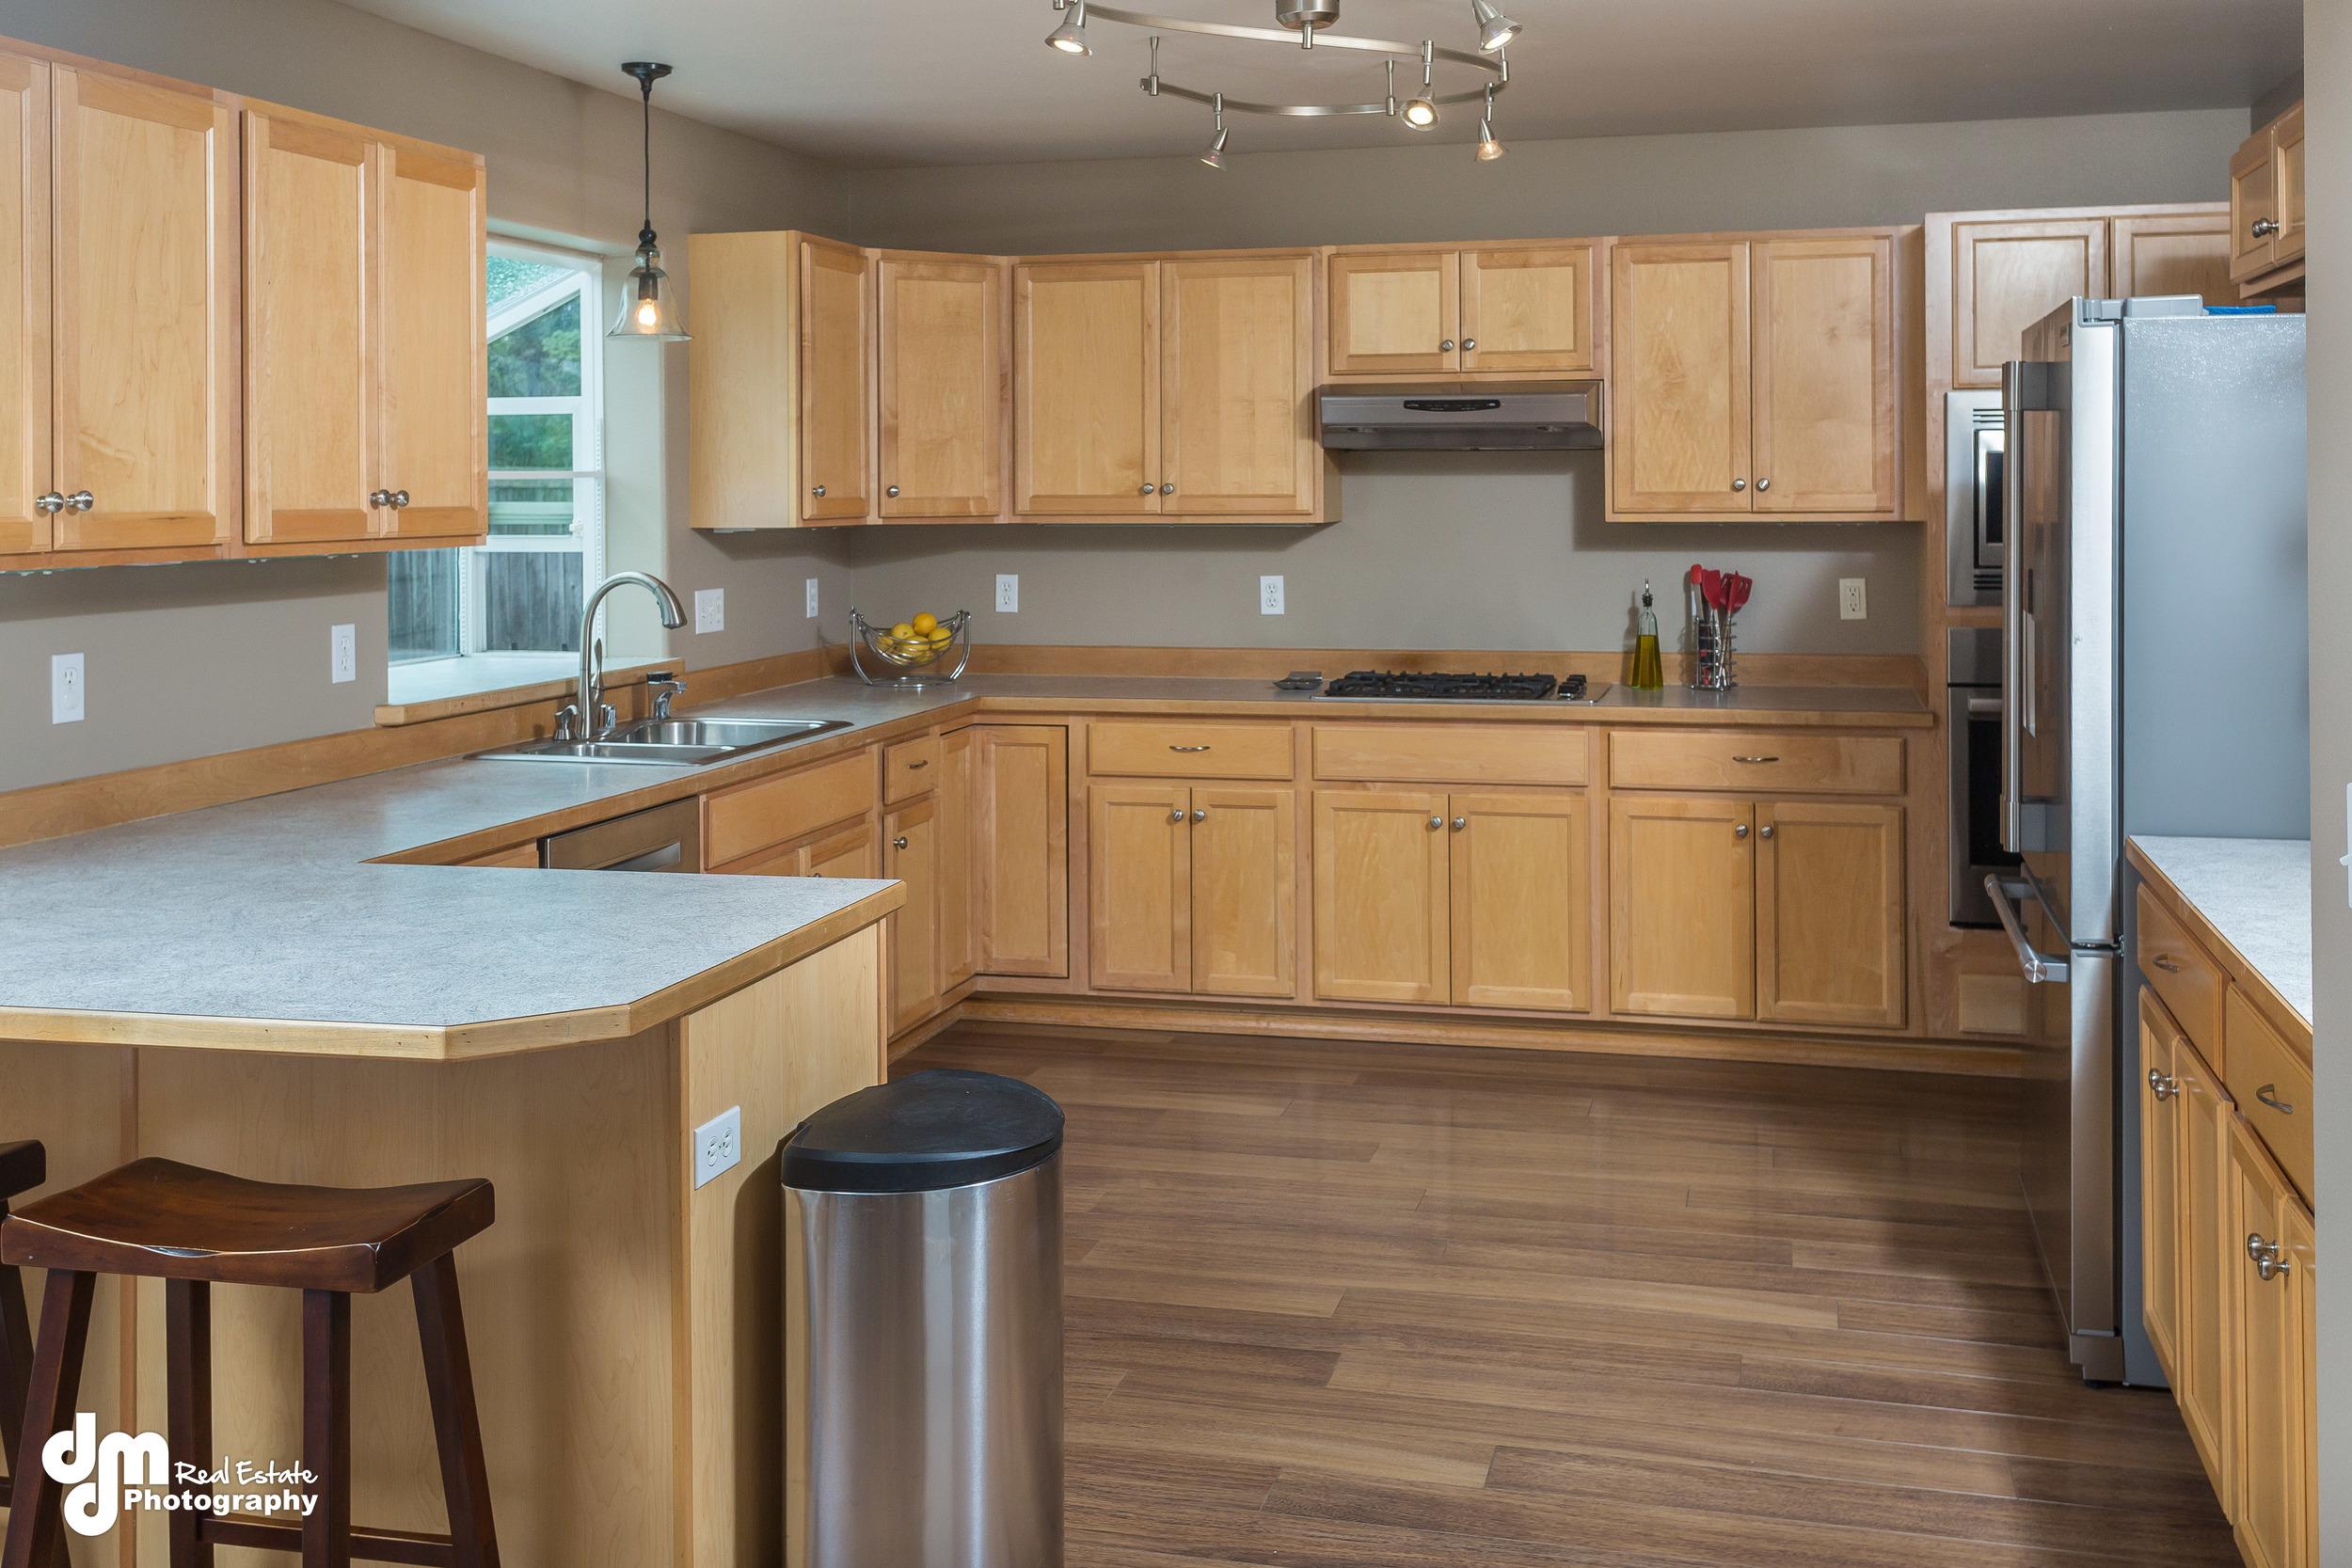 Kitchen_DMD_6734.jpg